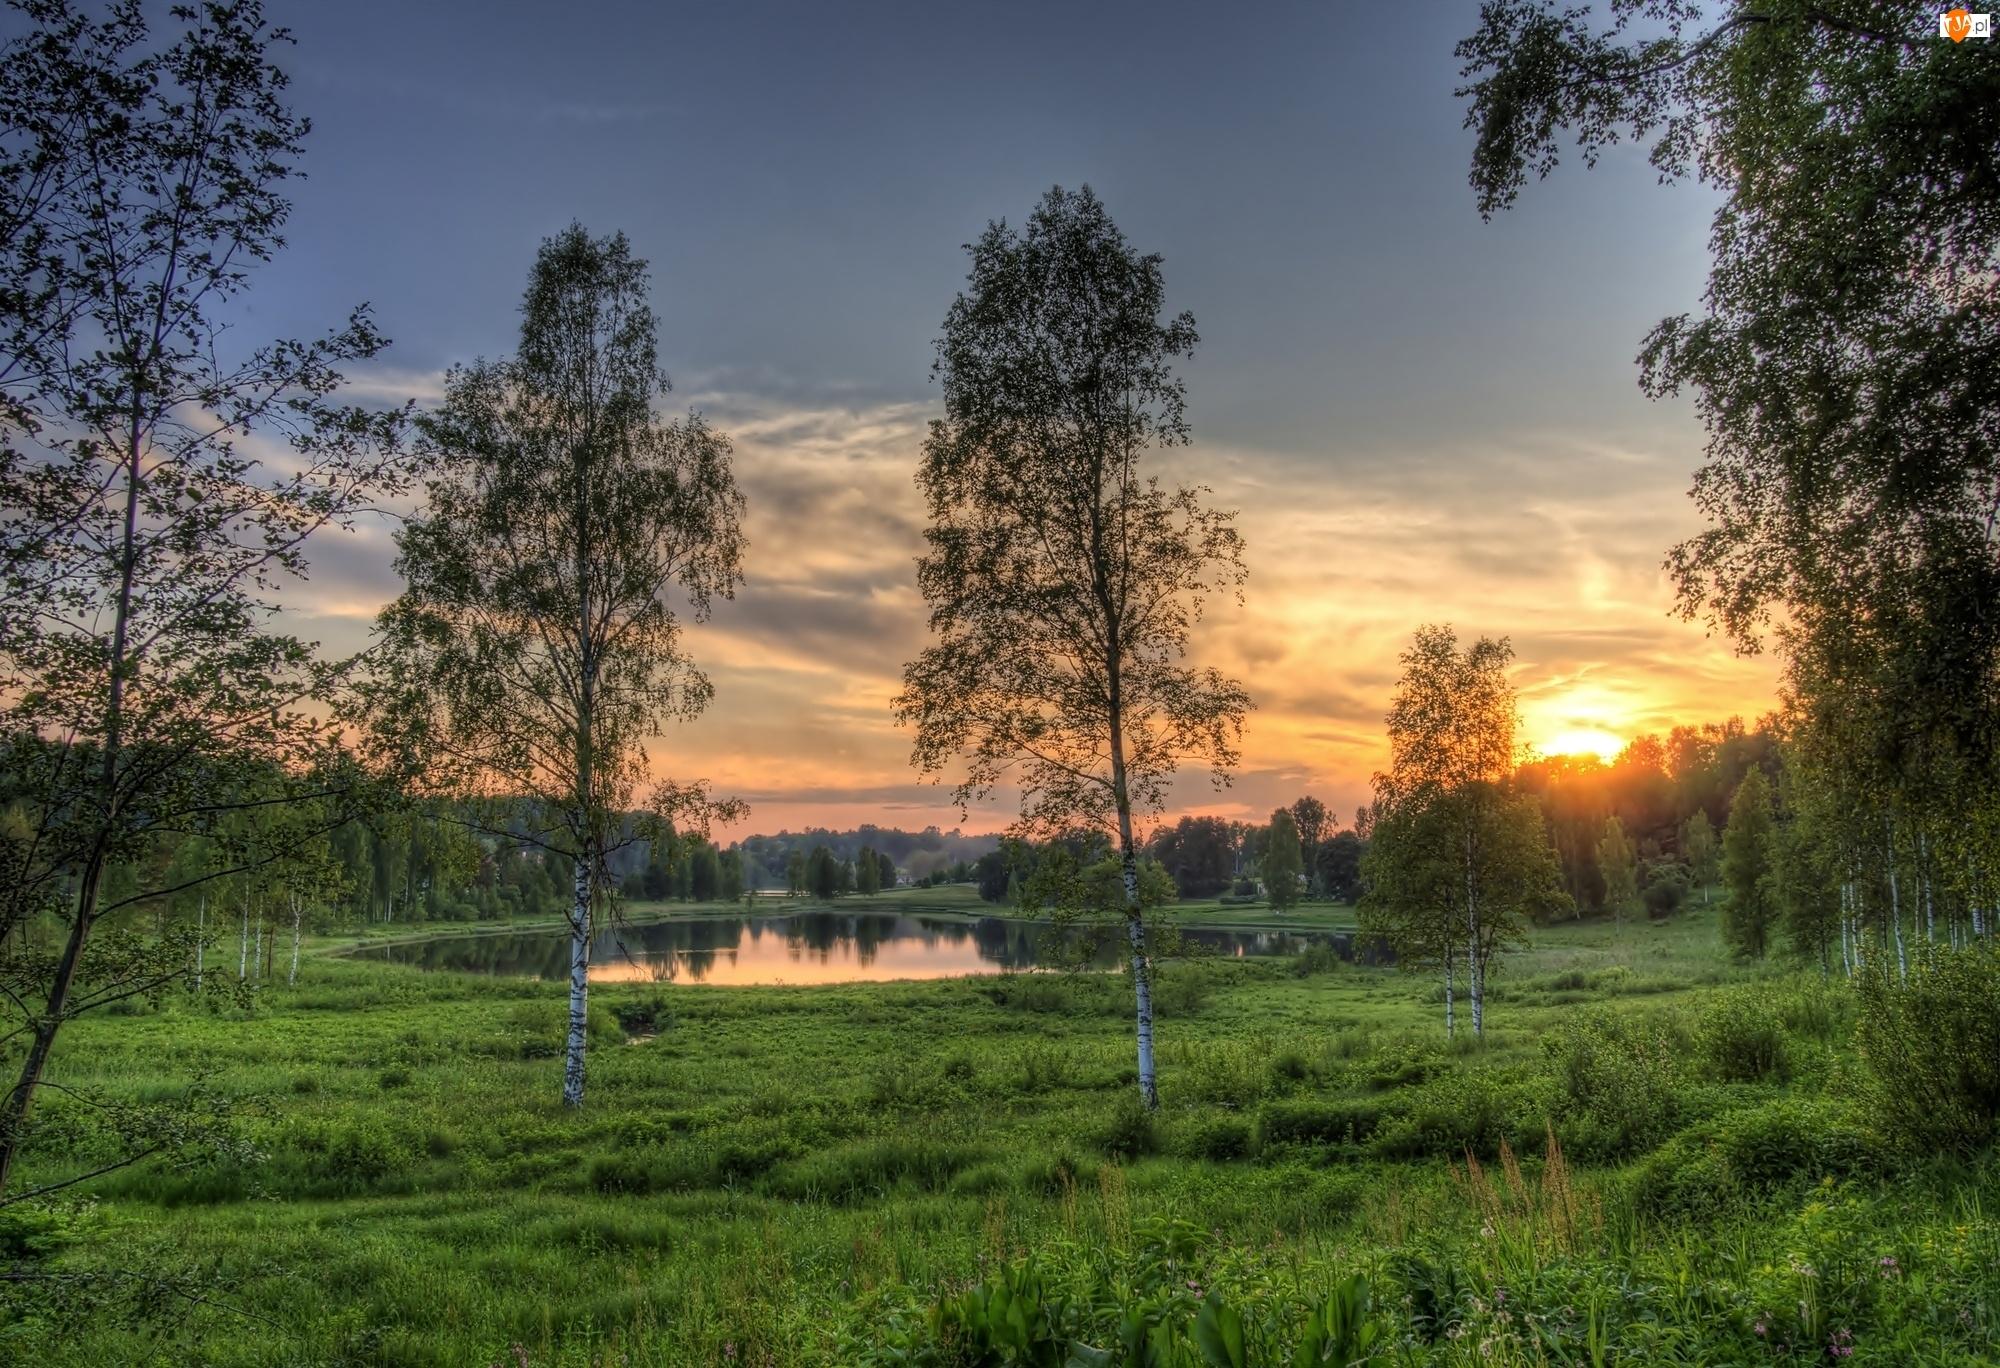 Słońca, Drzewa, Park, Brzozy, Zachód, Staw